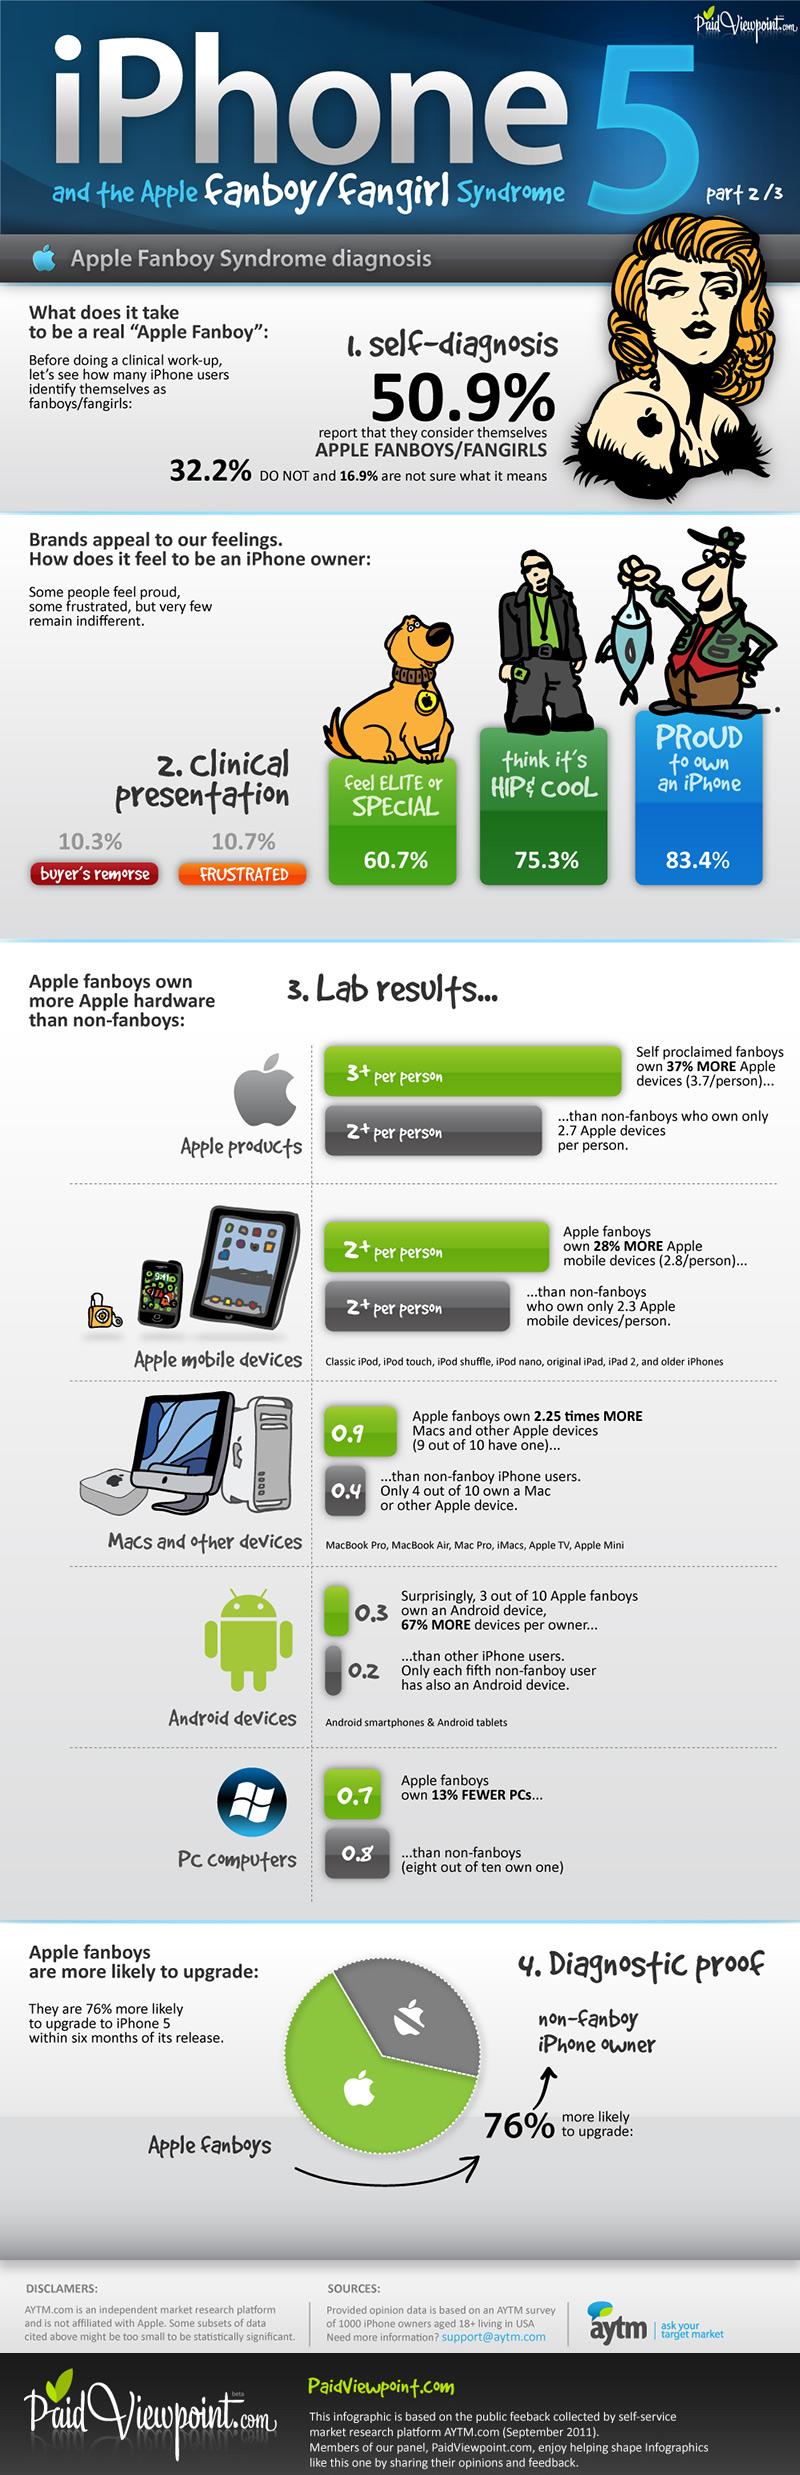 ¿Eres un fanboy de Apple? 3